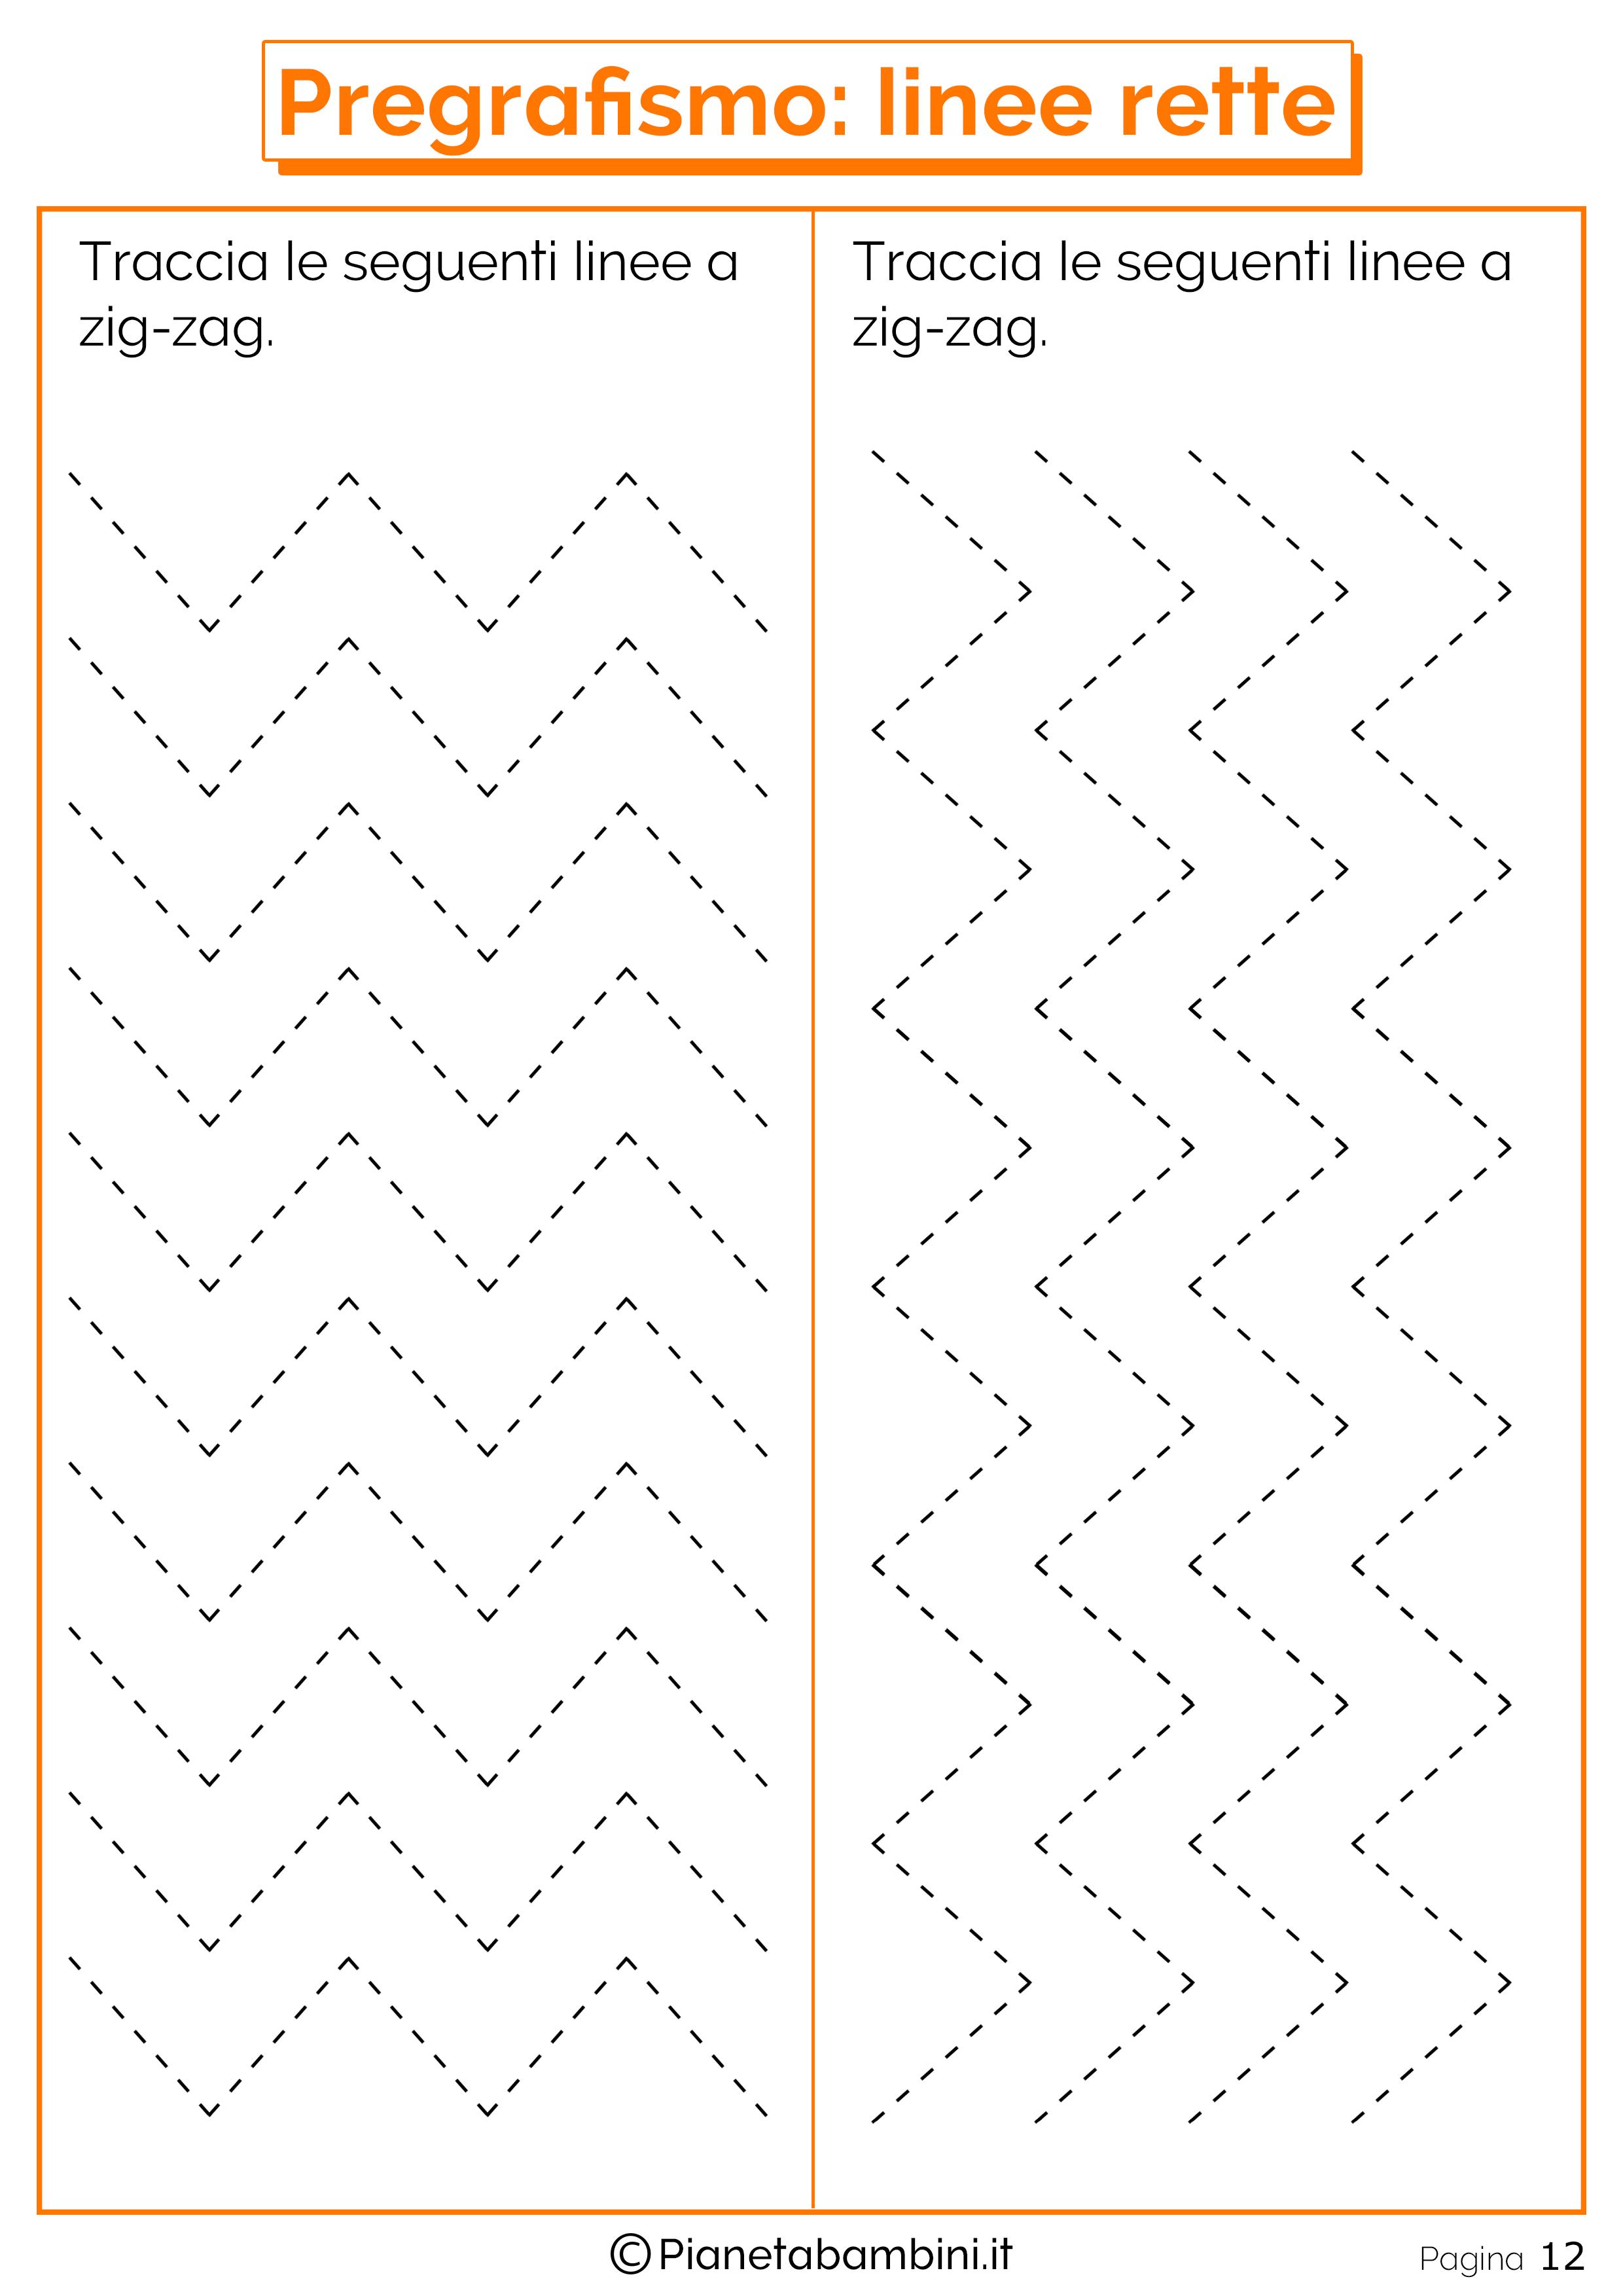 schede di pregrafismo di percorsi con linee rette e curve